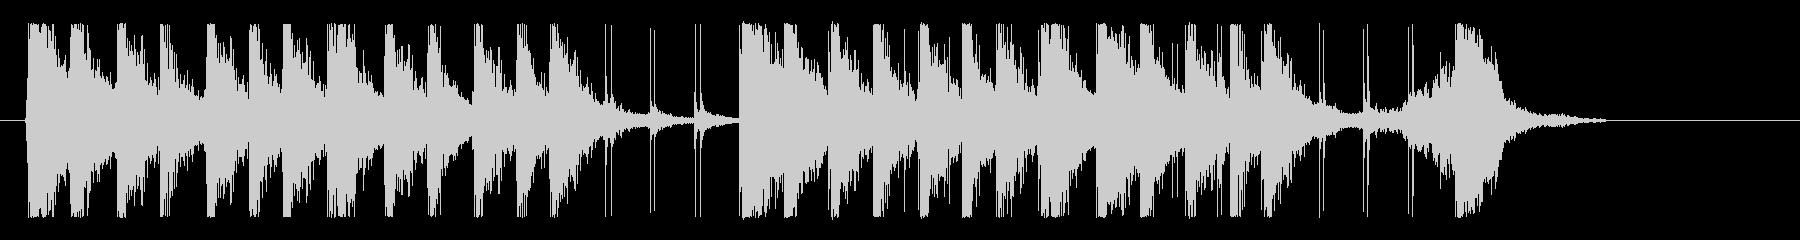 ファンキー、エネルギッシュ!リズムロゴの未再生の波形